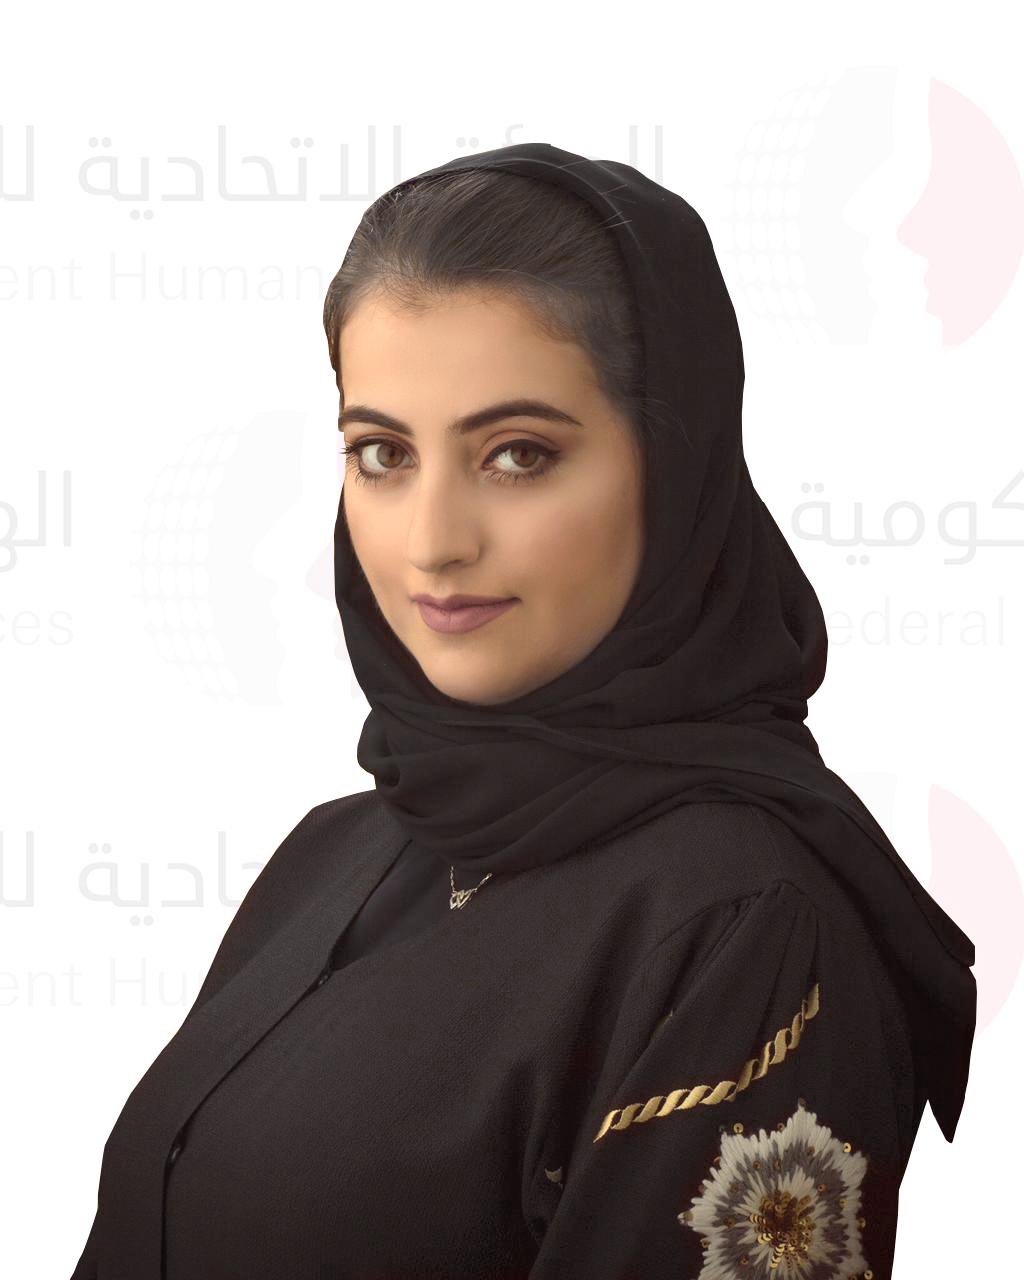 السيدة/ شيماء يوسف العوضي